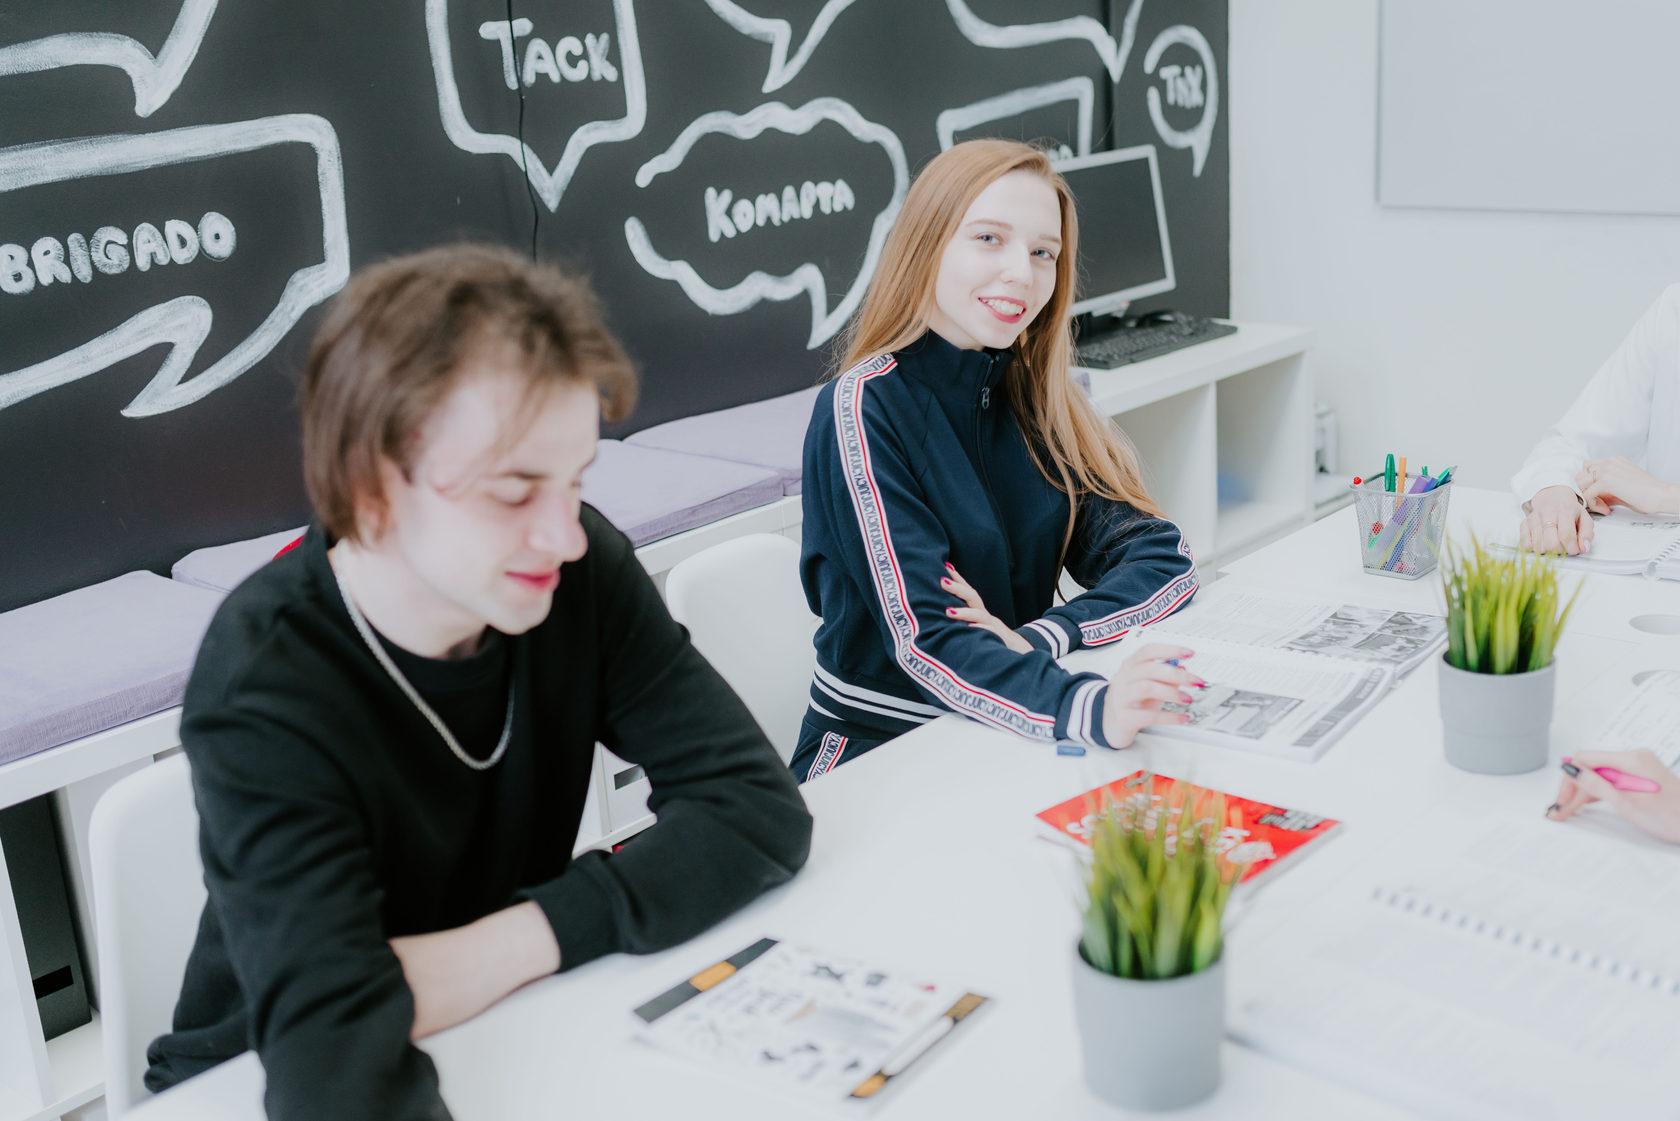 учить разговорный английский язык для начинающих курсы, в Курске